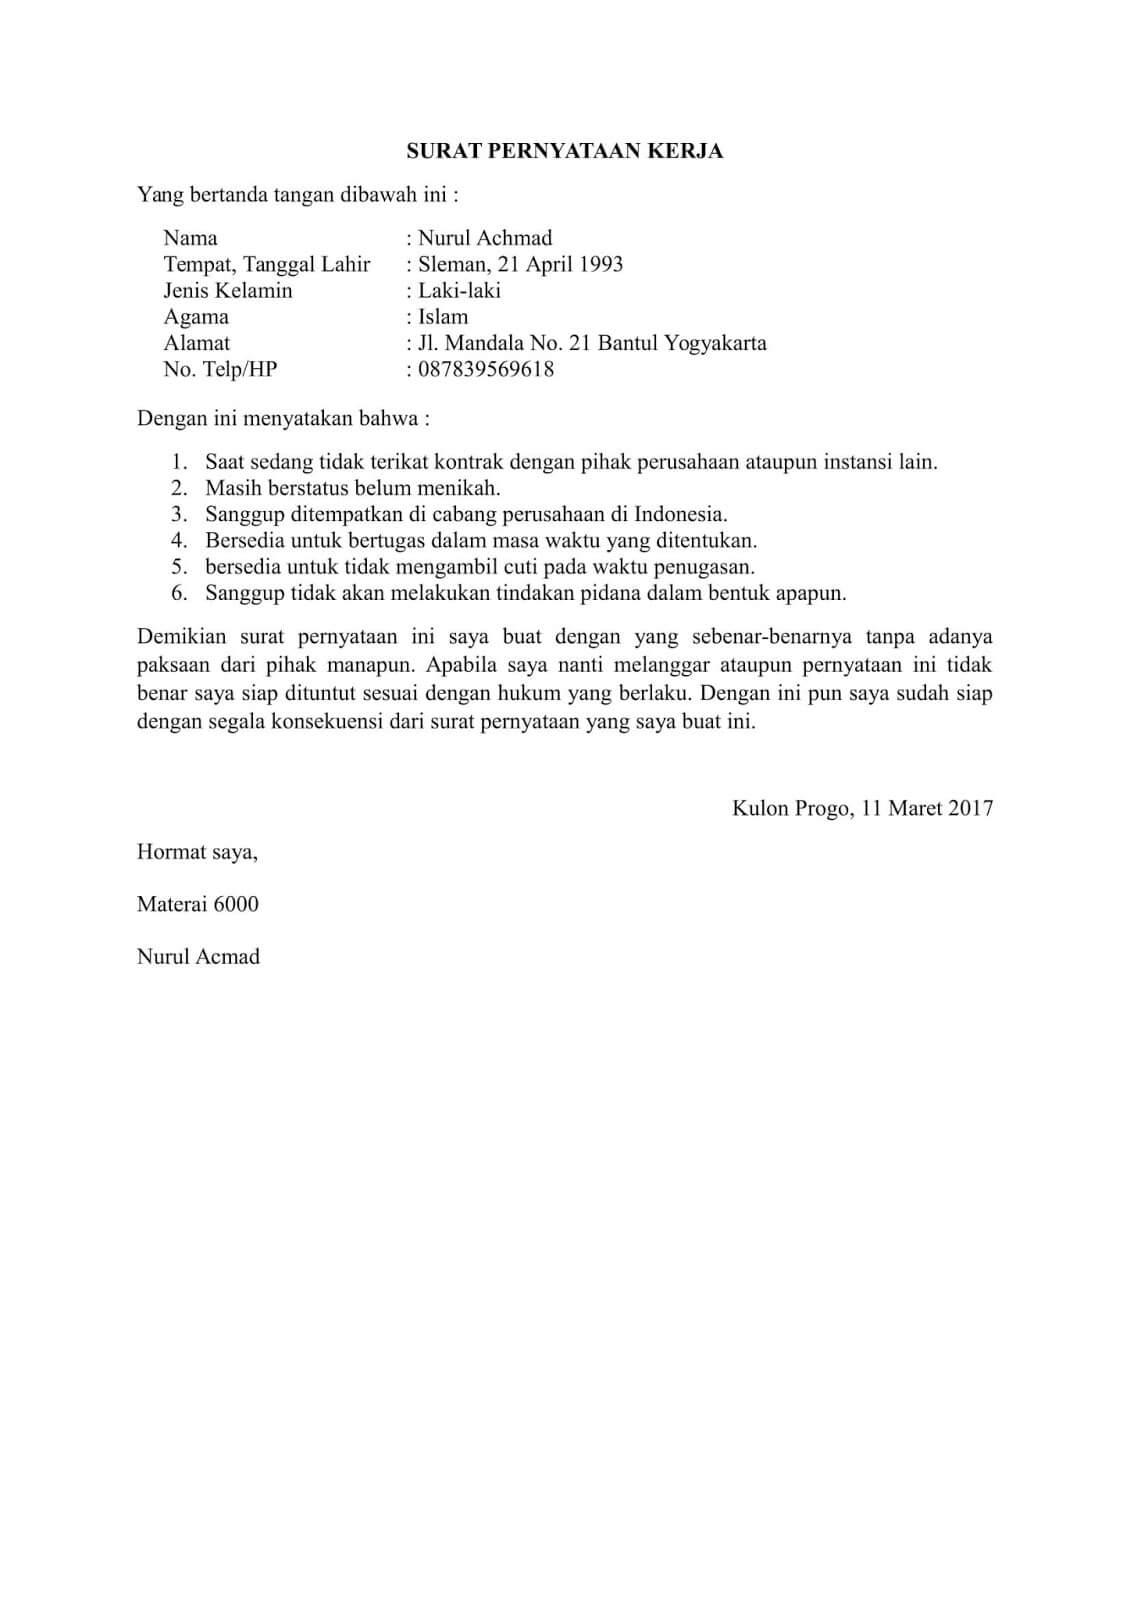 10+ Contoh Surat Pernyataan Kerja Terlengkap - Contoh Surat